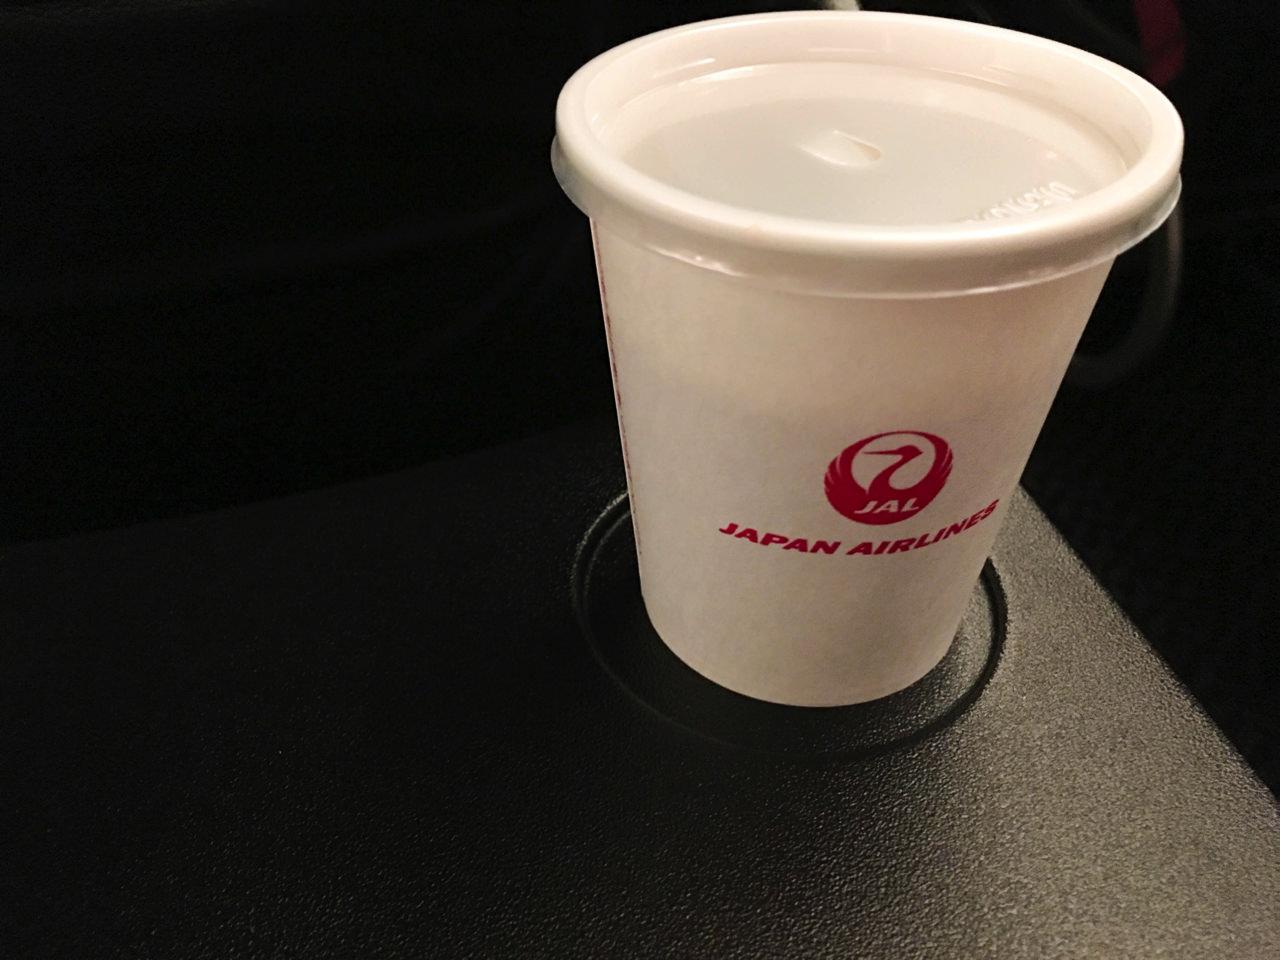 【日本航空】国内線「JAL SKY Wi-Fi」を使って機内でインターネットをしてみた